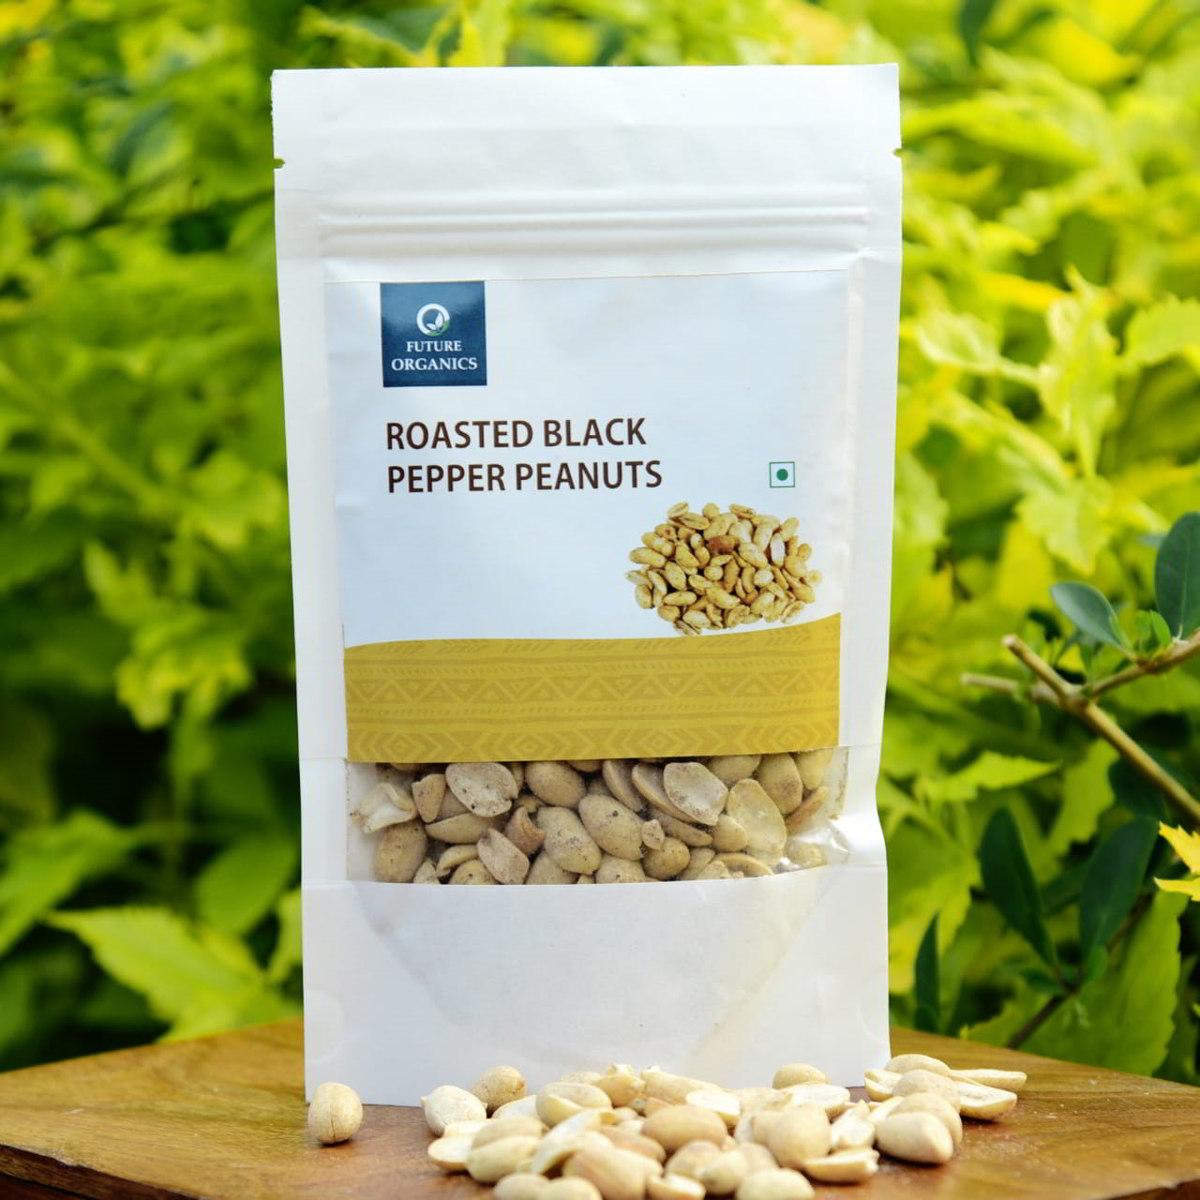 Roasted Black Pepper Peanuts